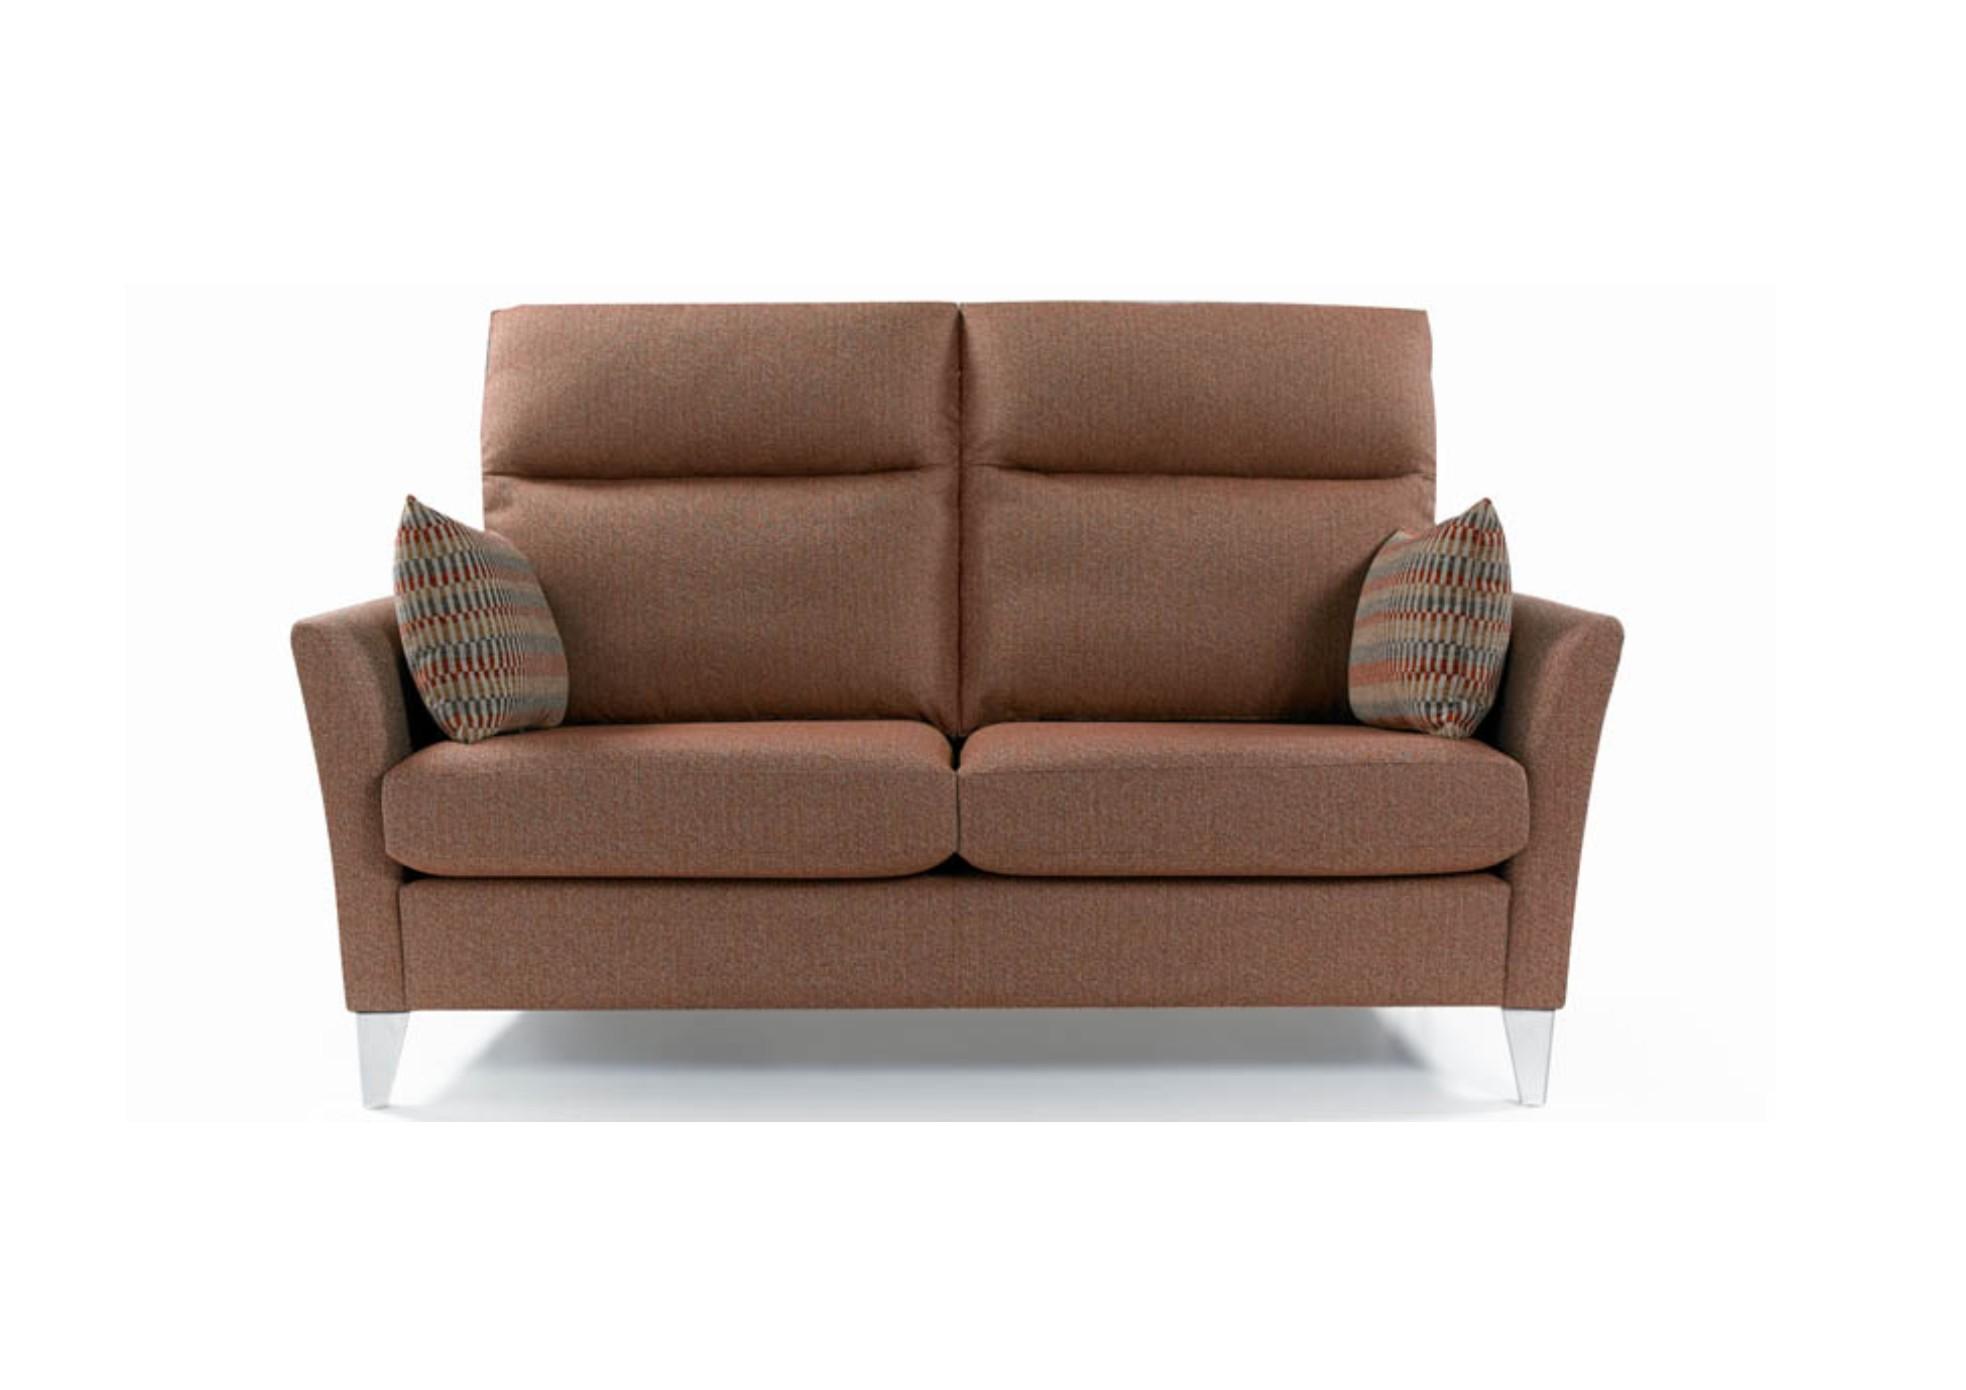 Milo 3 Seater High Back Sofa